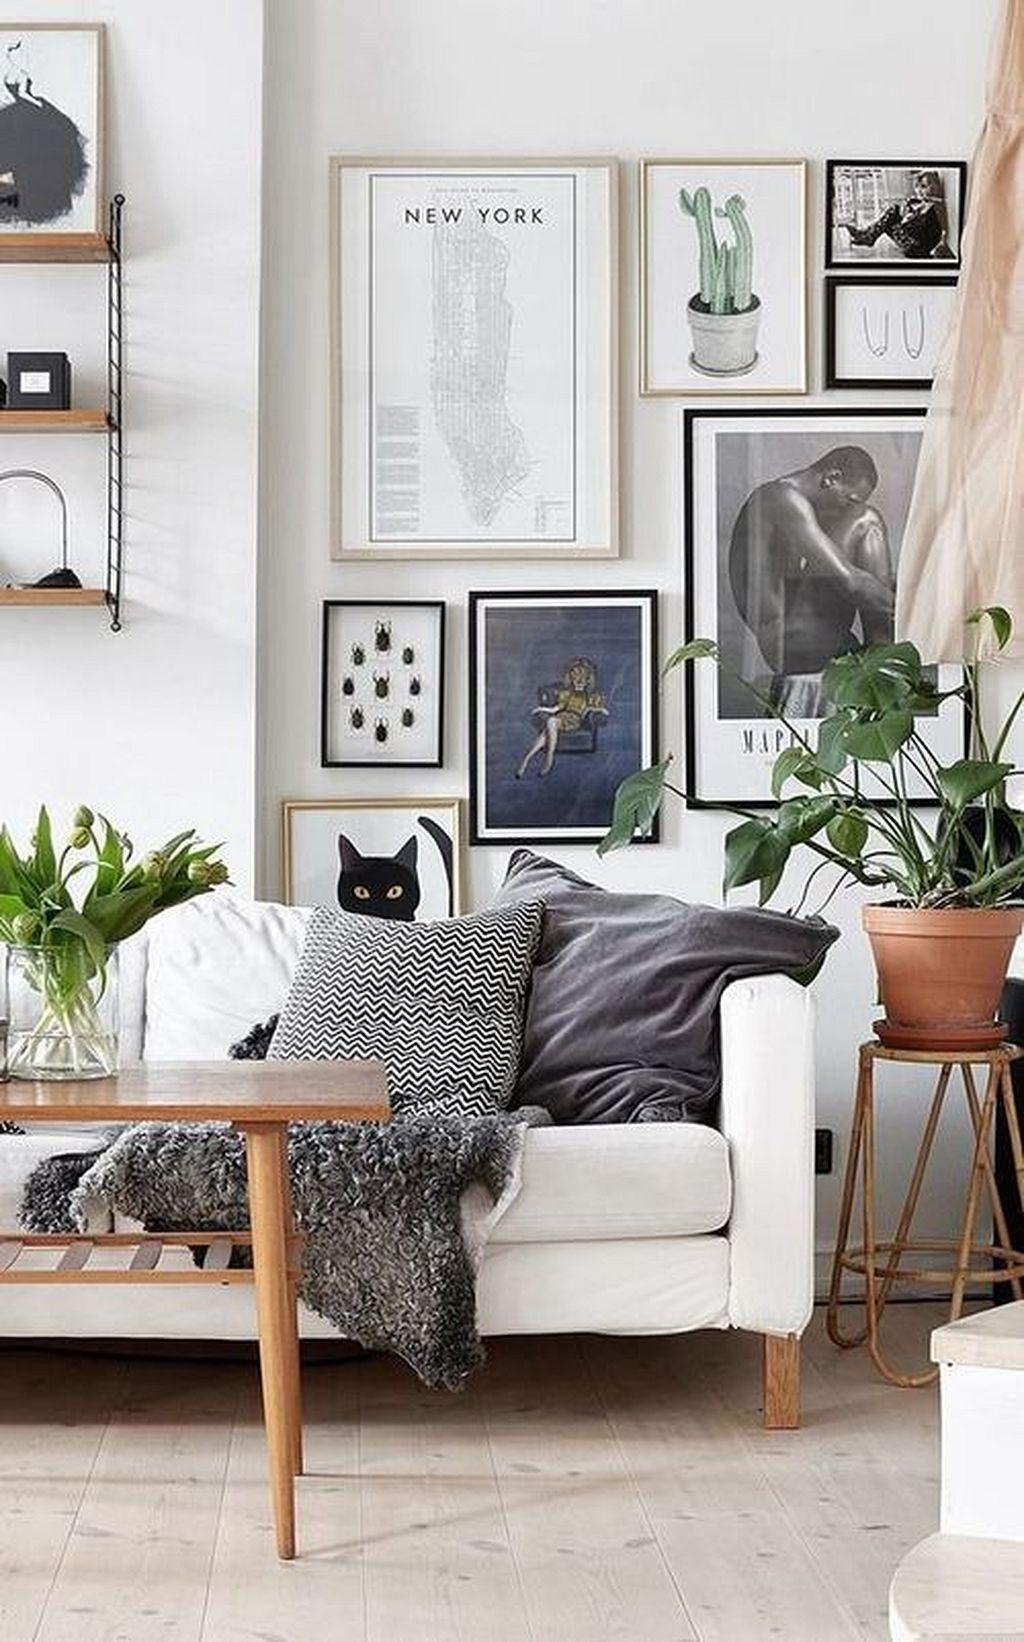 Modern Scandinavian Interior Design | Wanddeko, Wohnzimmer und Wohnen